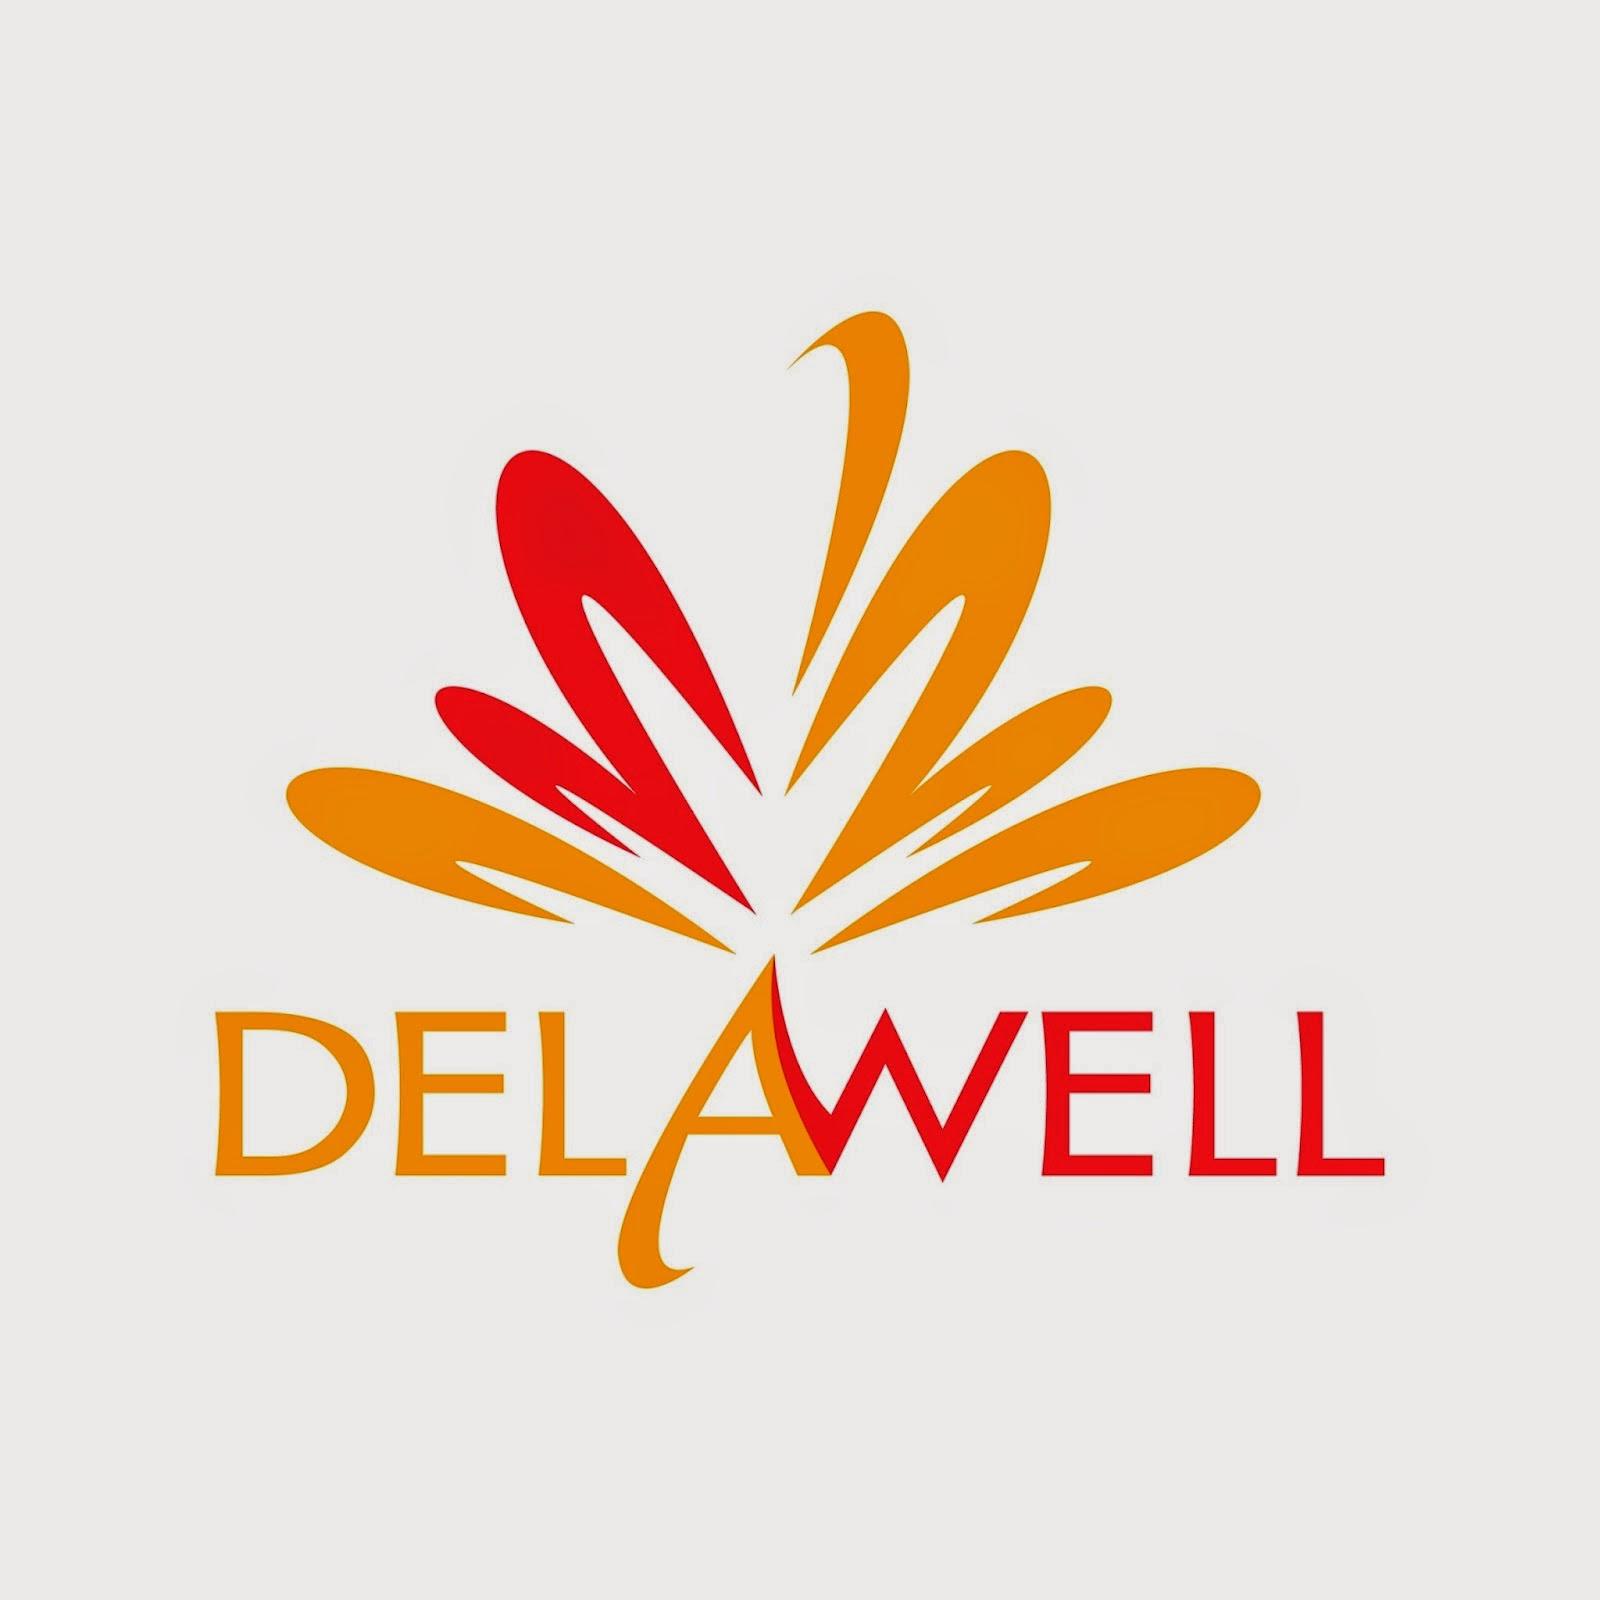 http://www.delawell.pl/delawell/produkty.aspx?katalog=14